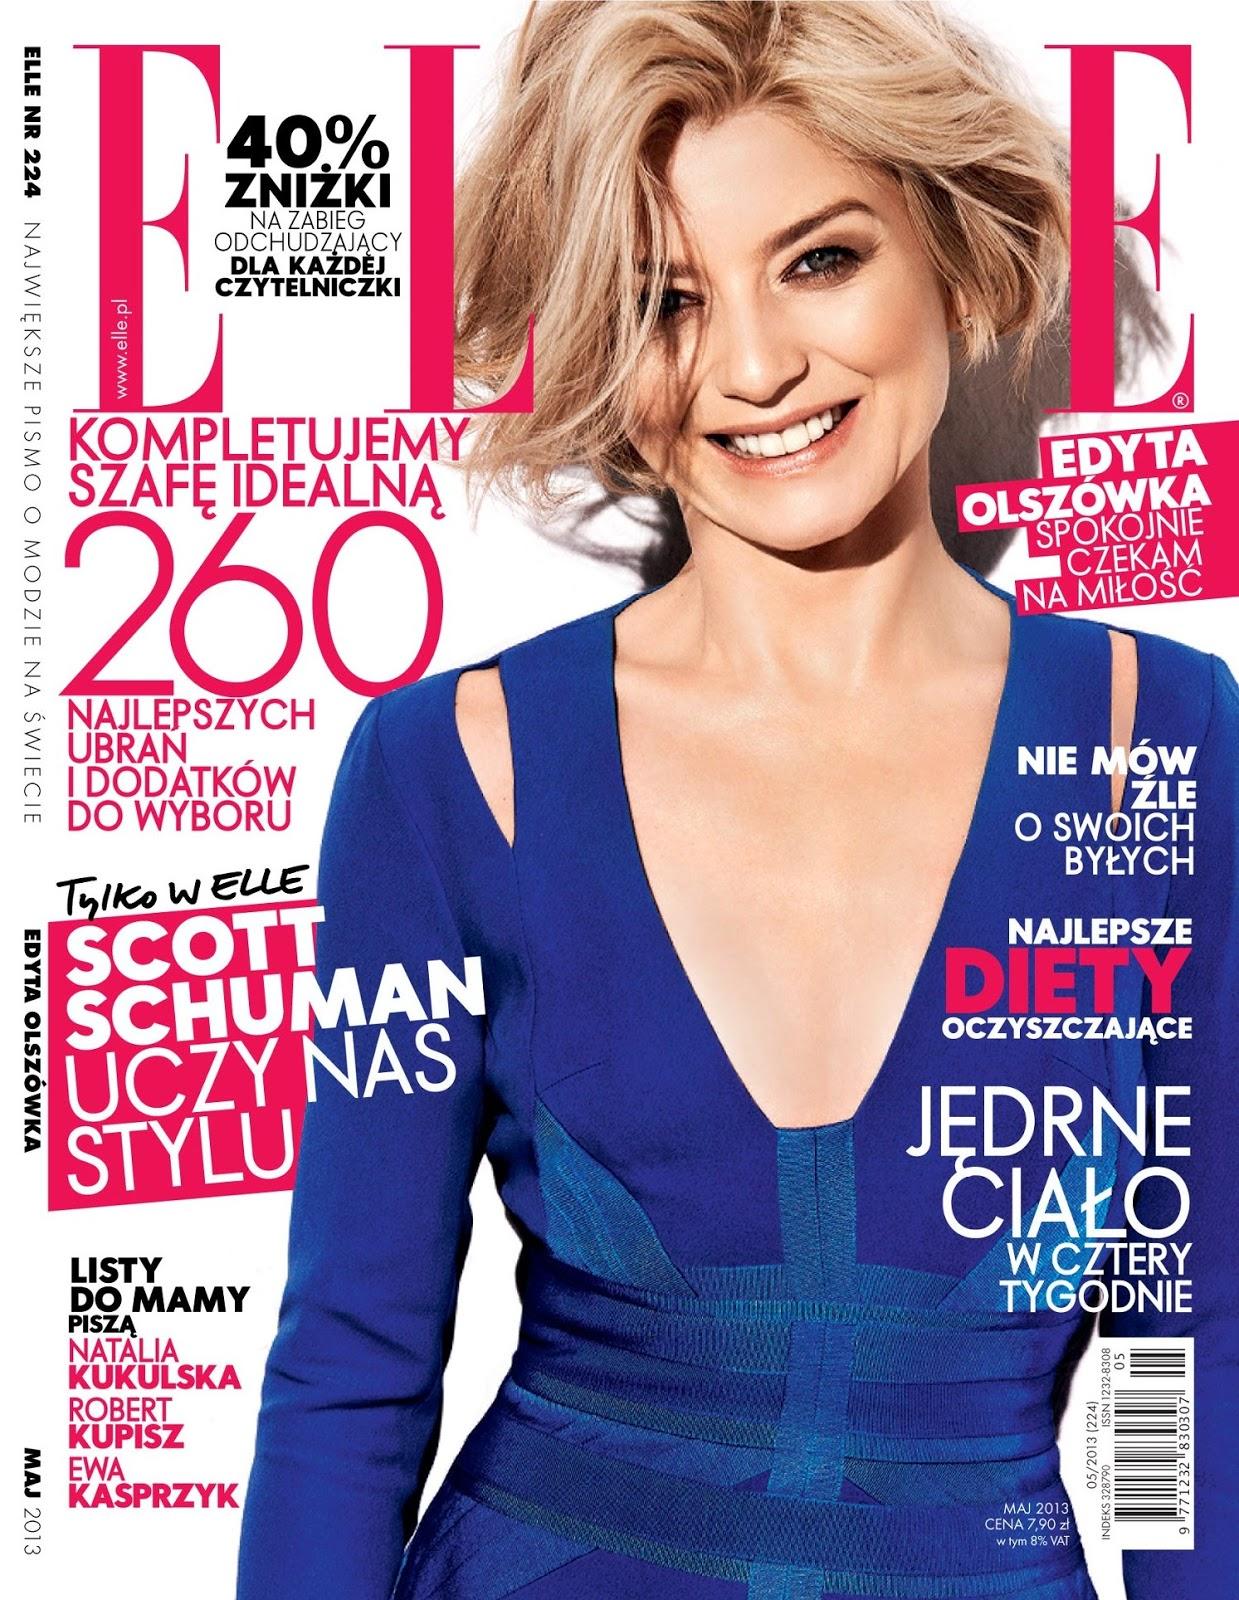 http://1.bp.blogspot.com/-lLcHVp1-iVs/UV12kg131FI/AAAAAAABPCo/NutACRTMgnc/s1600/Elle-Poland-May-2013-Edyta-Olszowka-Magazine-Cover.jpg